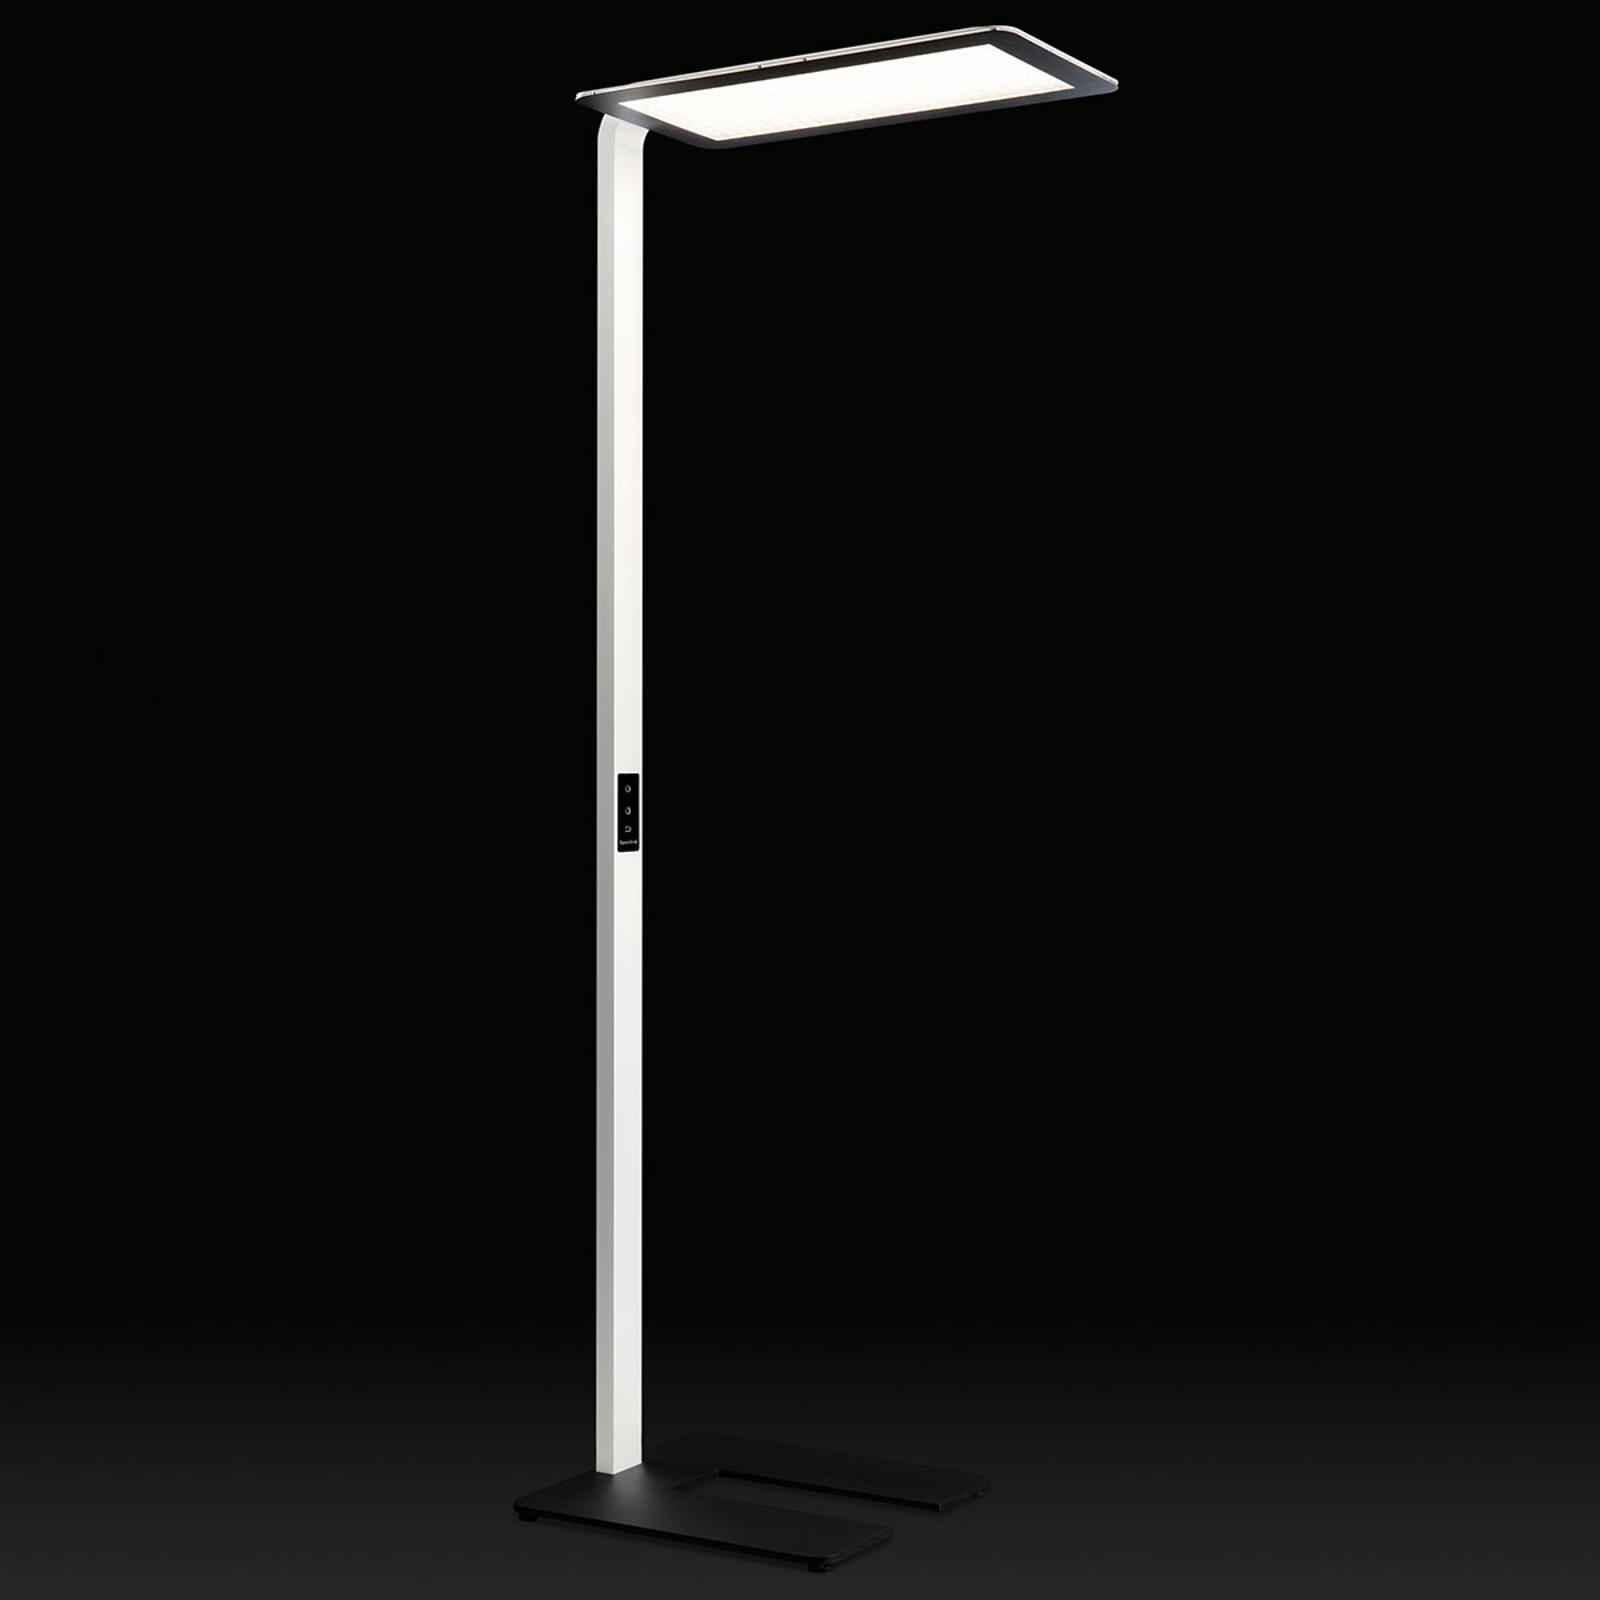 Dome-S-KG LED vloerlamp voor kantoorruimtes